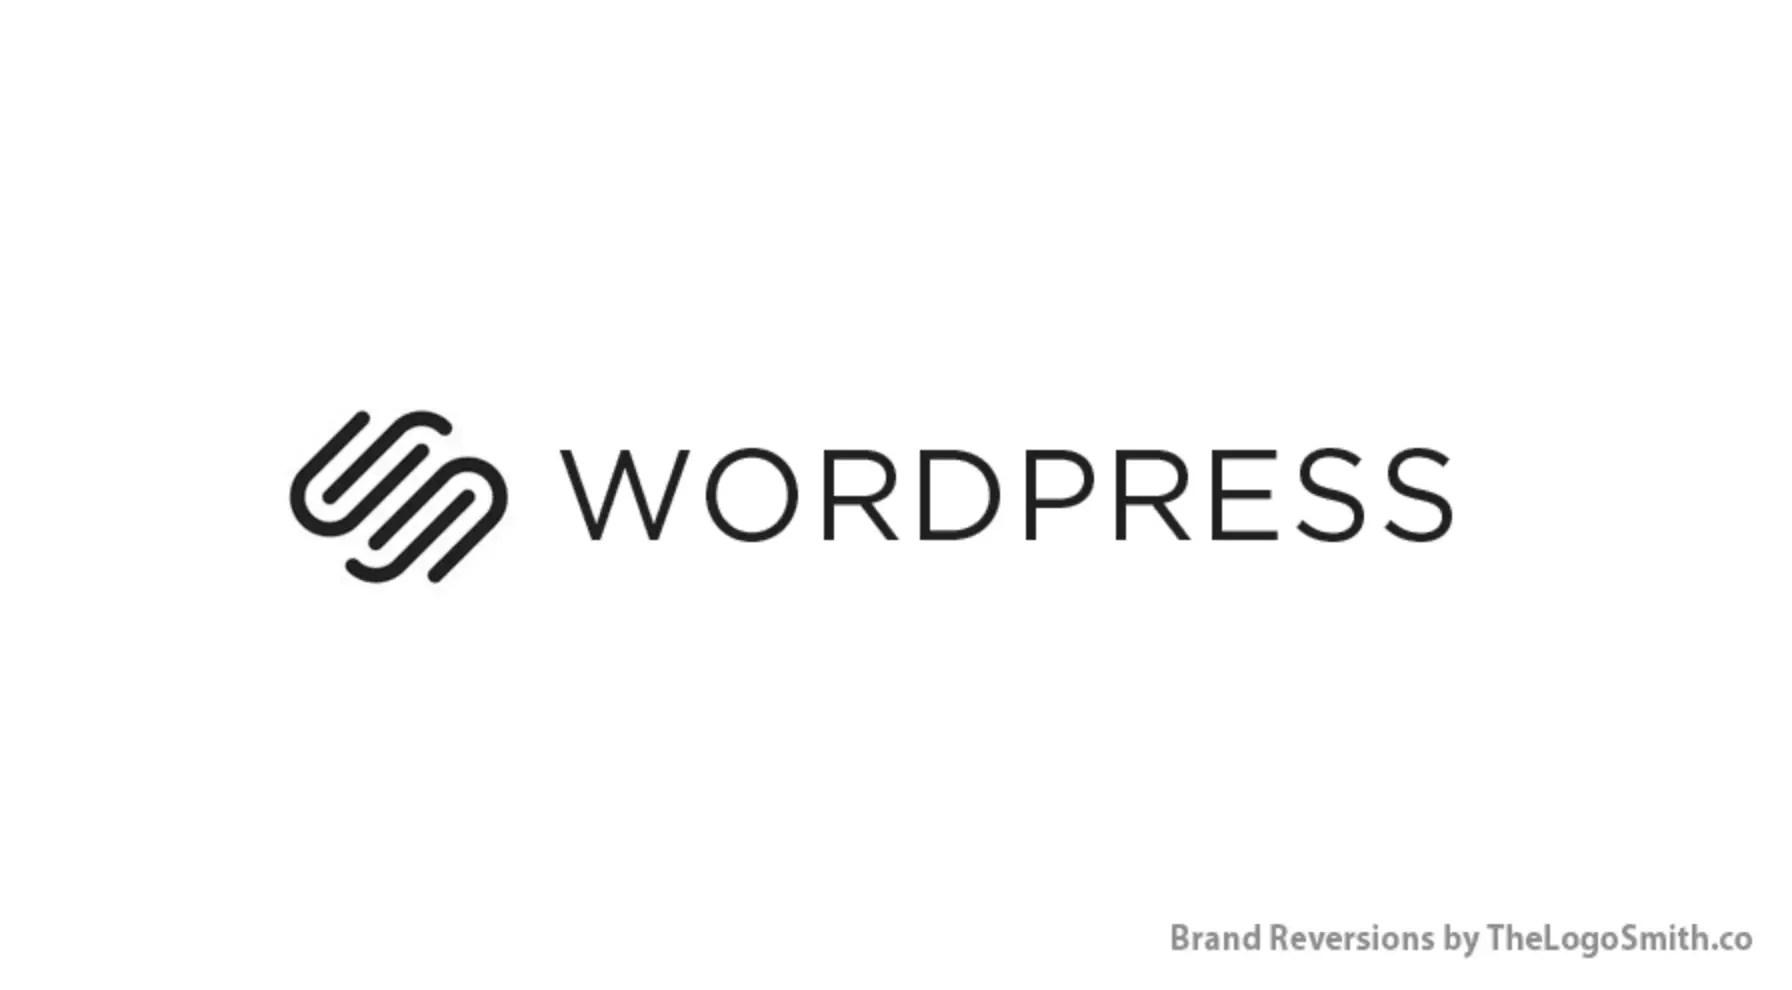 wersm-brand-reversioning-squarespace-wordpress